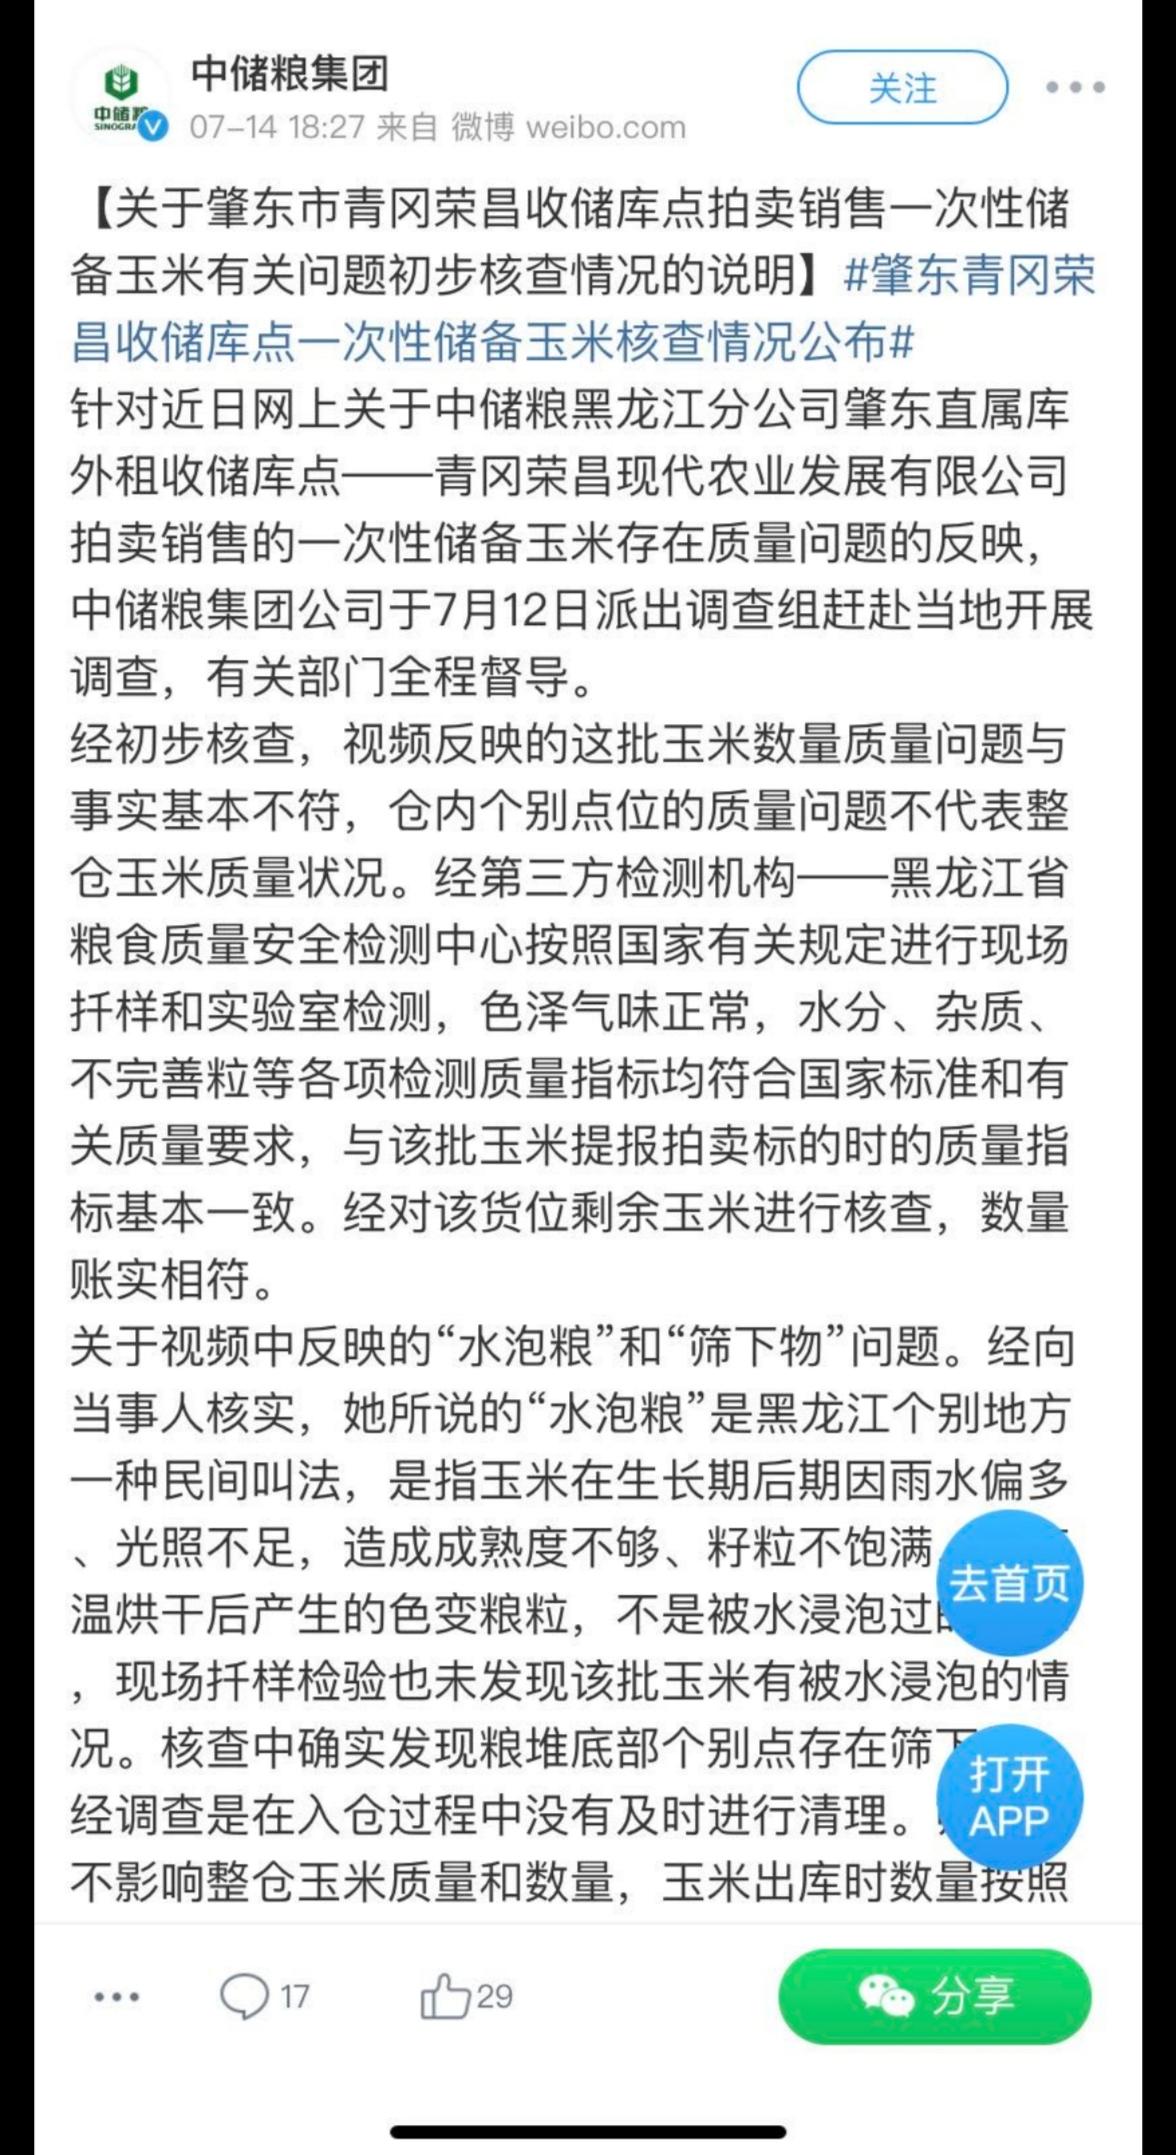 【杏悦】了中储杏悦粮公布调查结果称视频与事实不图片